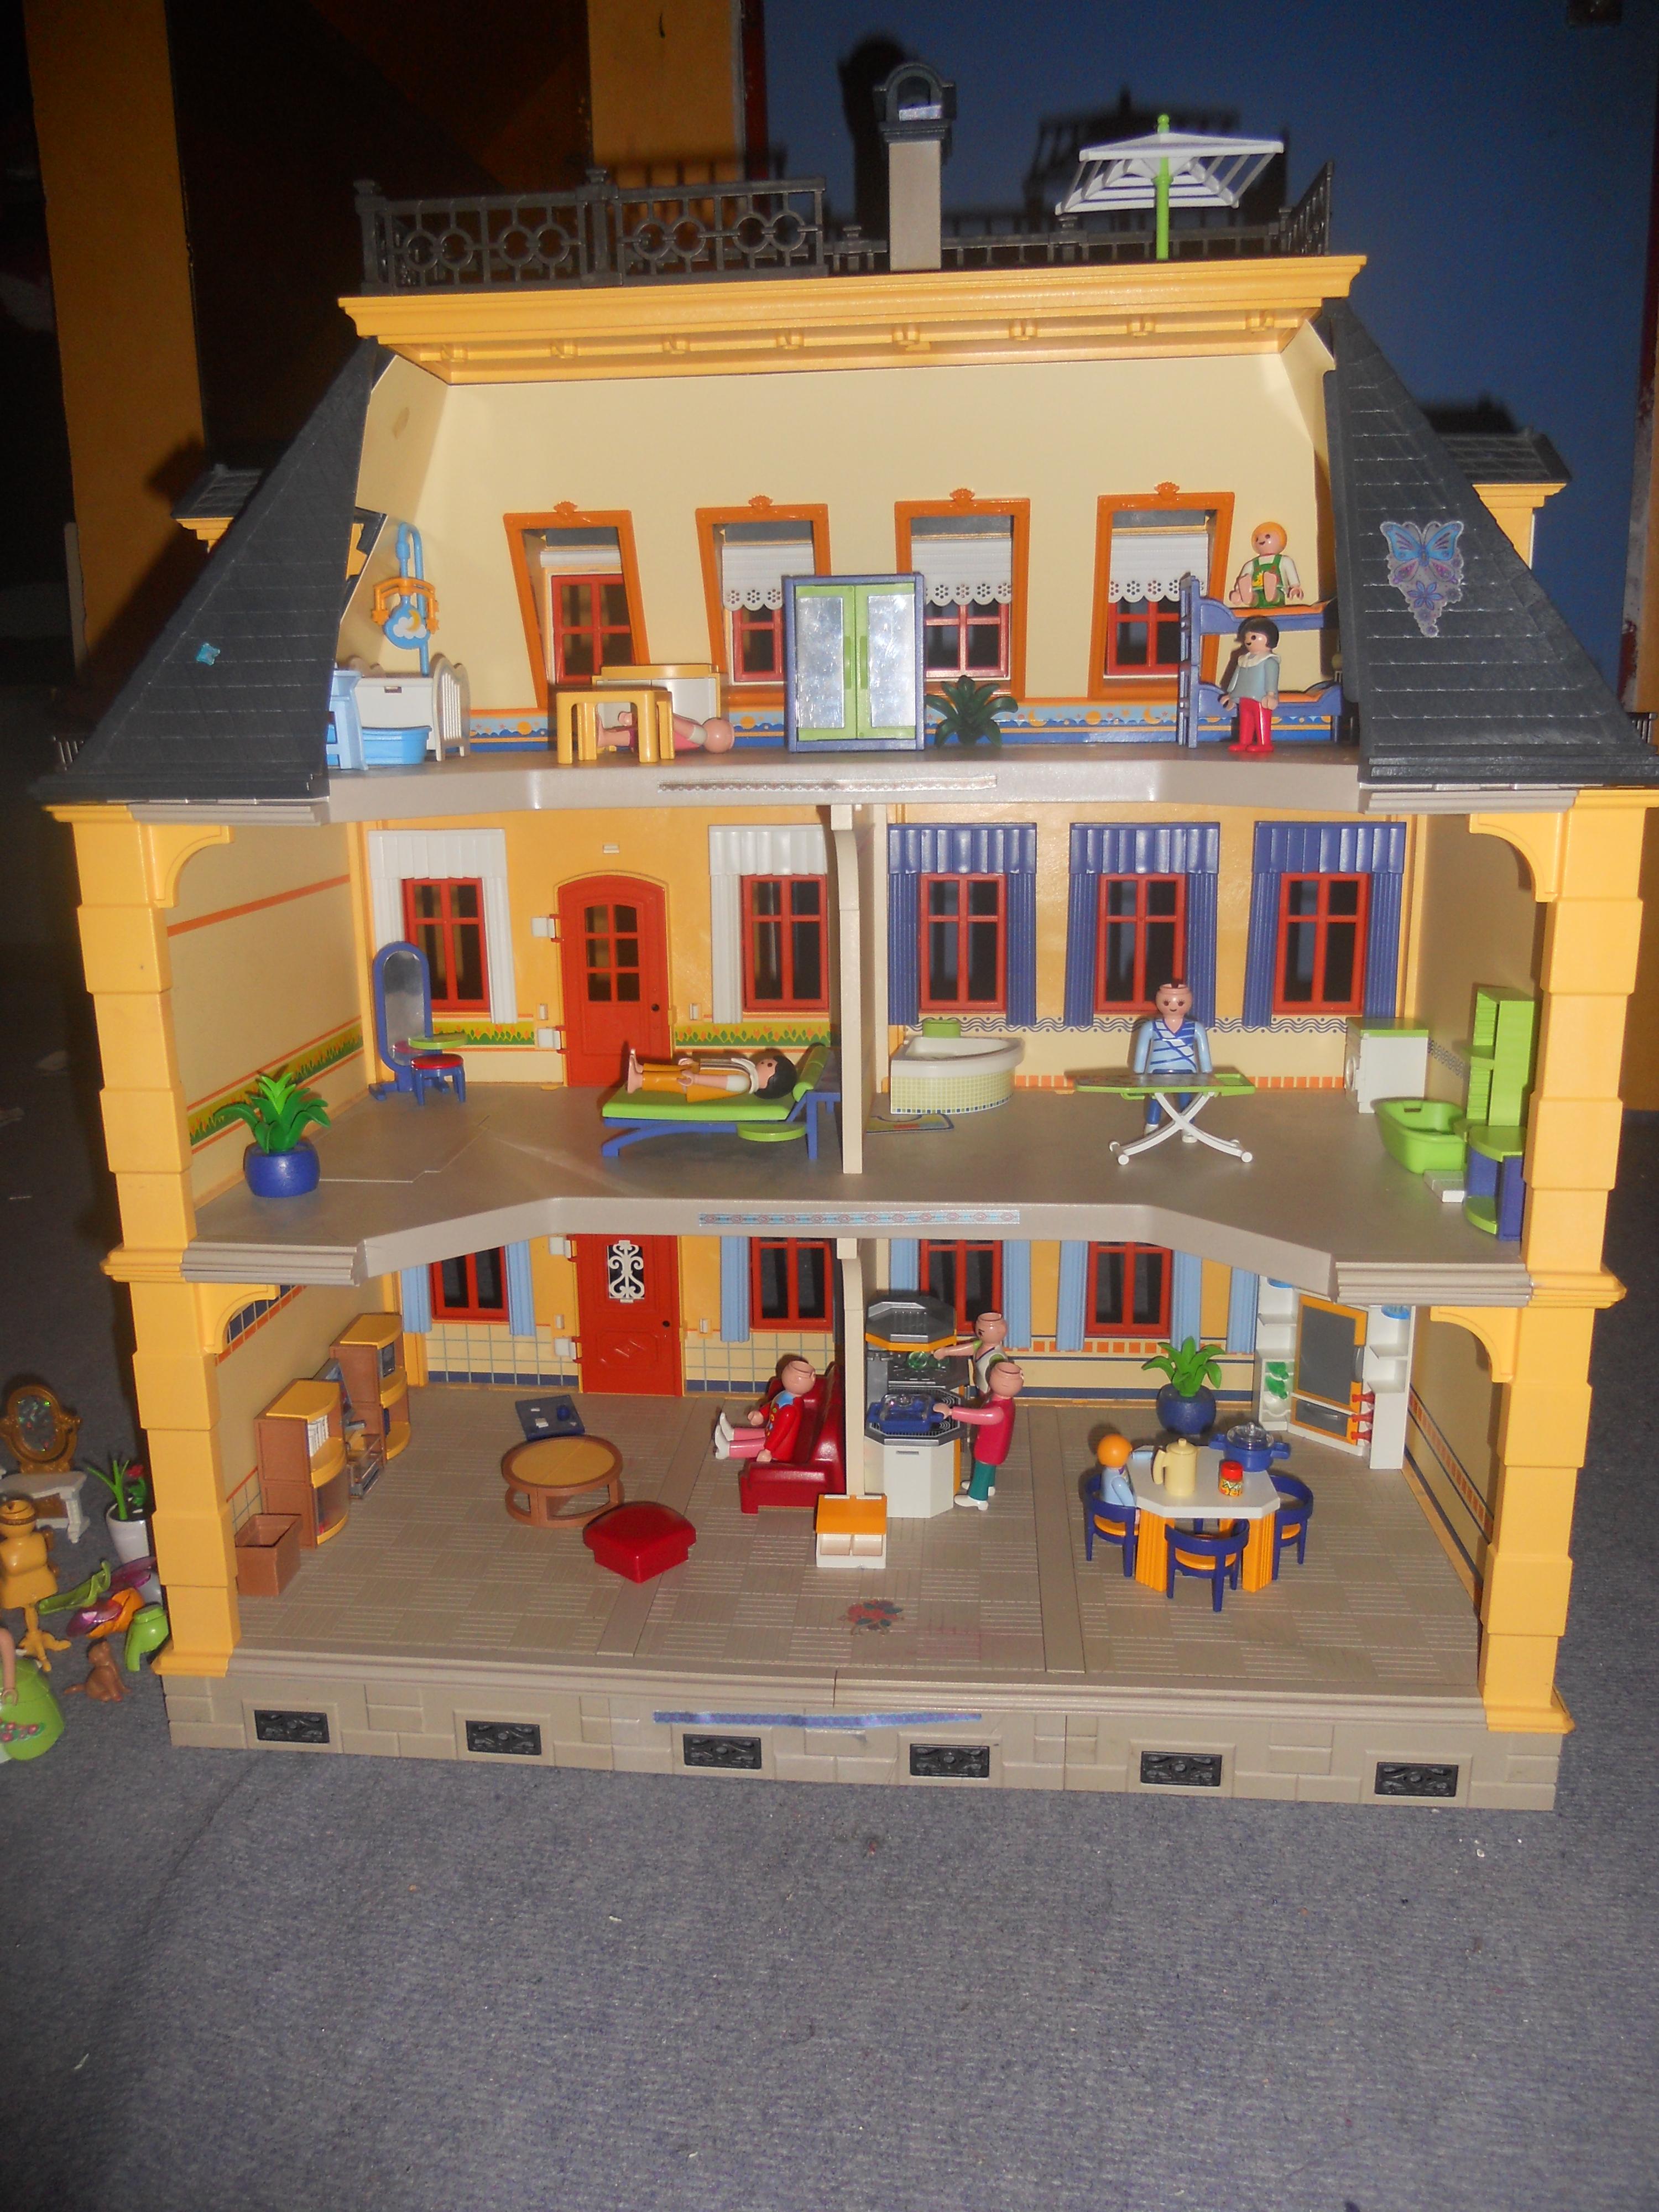 maison playmobil playmobil grosse maison taverne du moyen ge maison playmobil maxi maison en. Black Bedroom Furniture Sets. Home Design Ideas